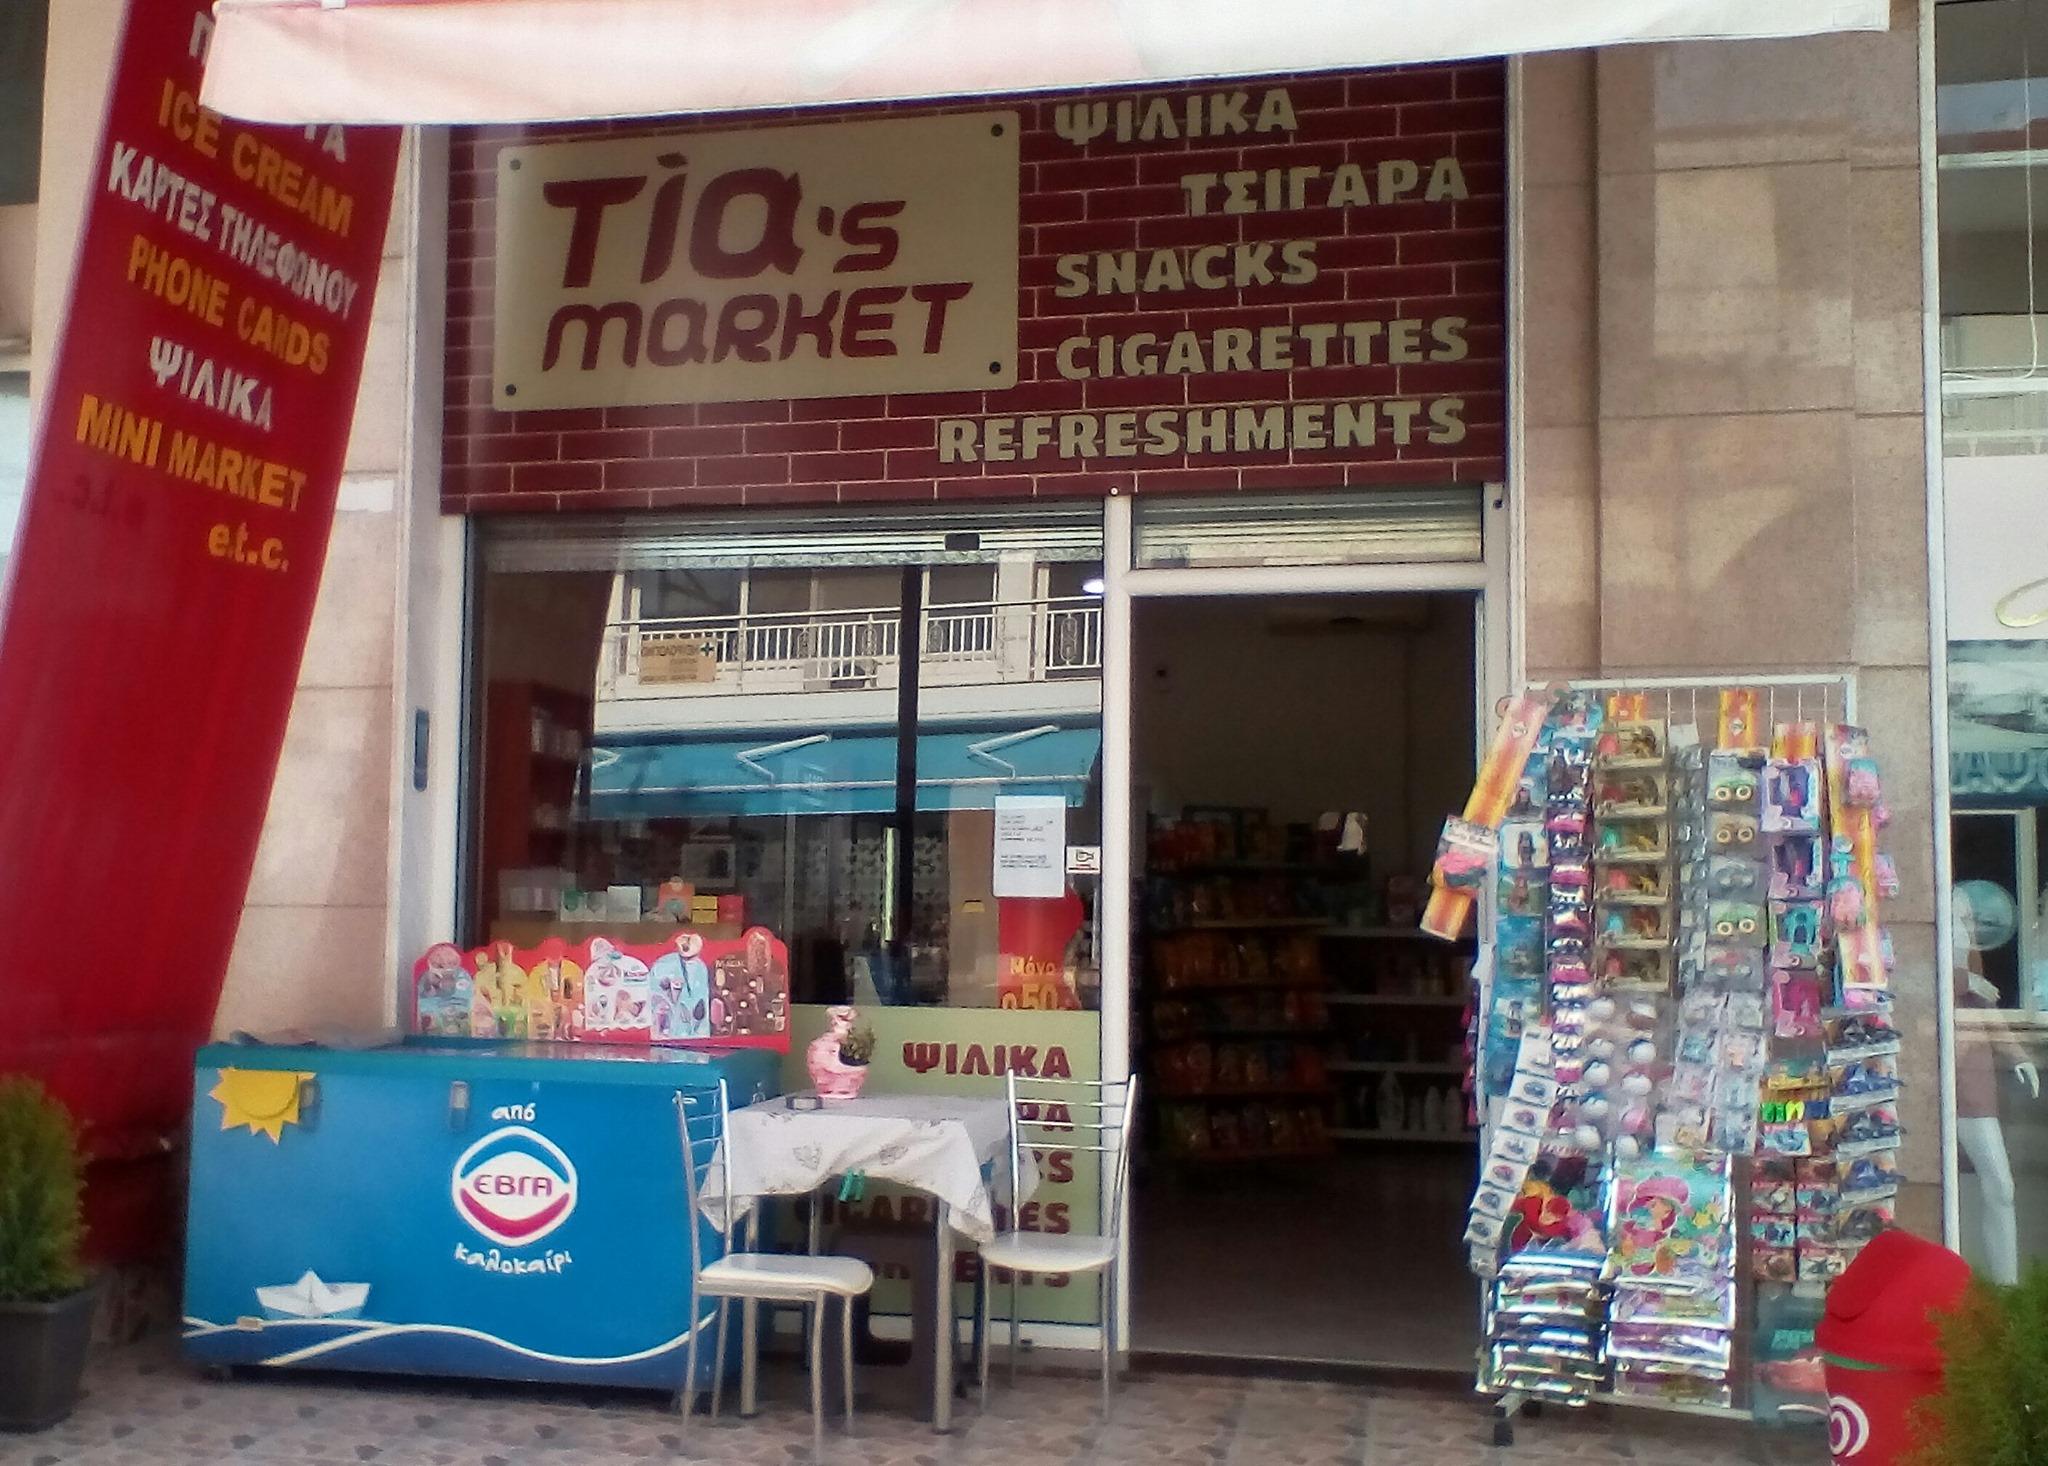 Tia's Market